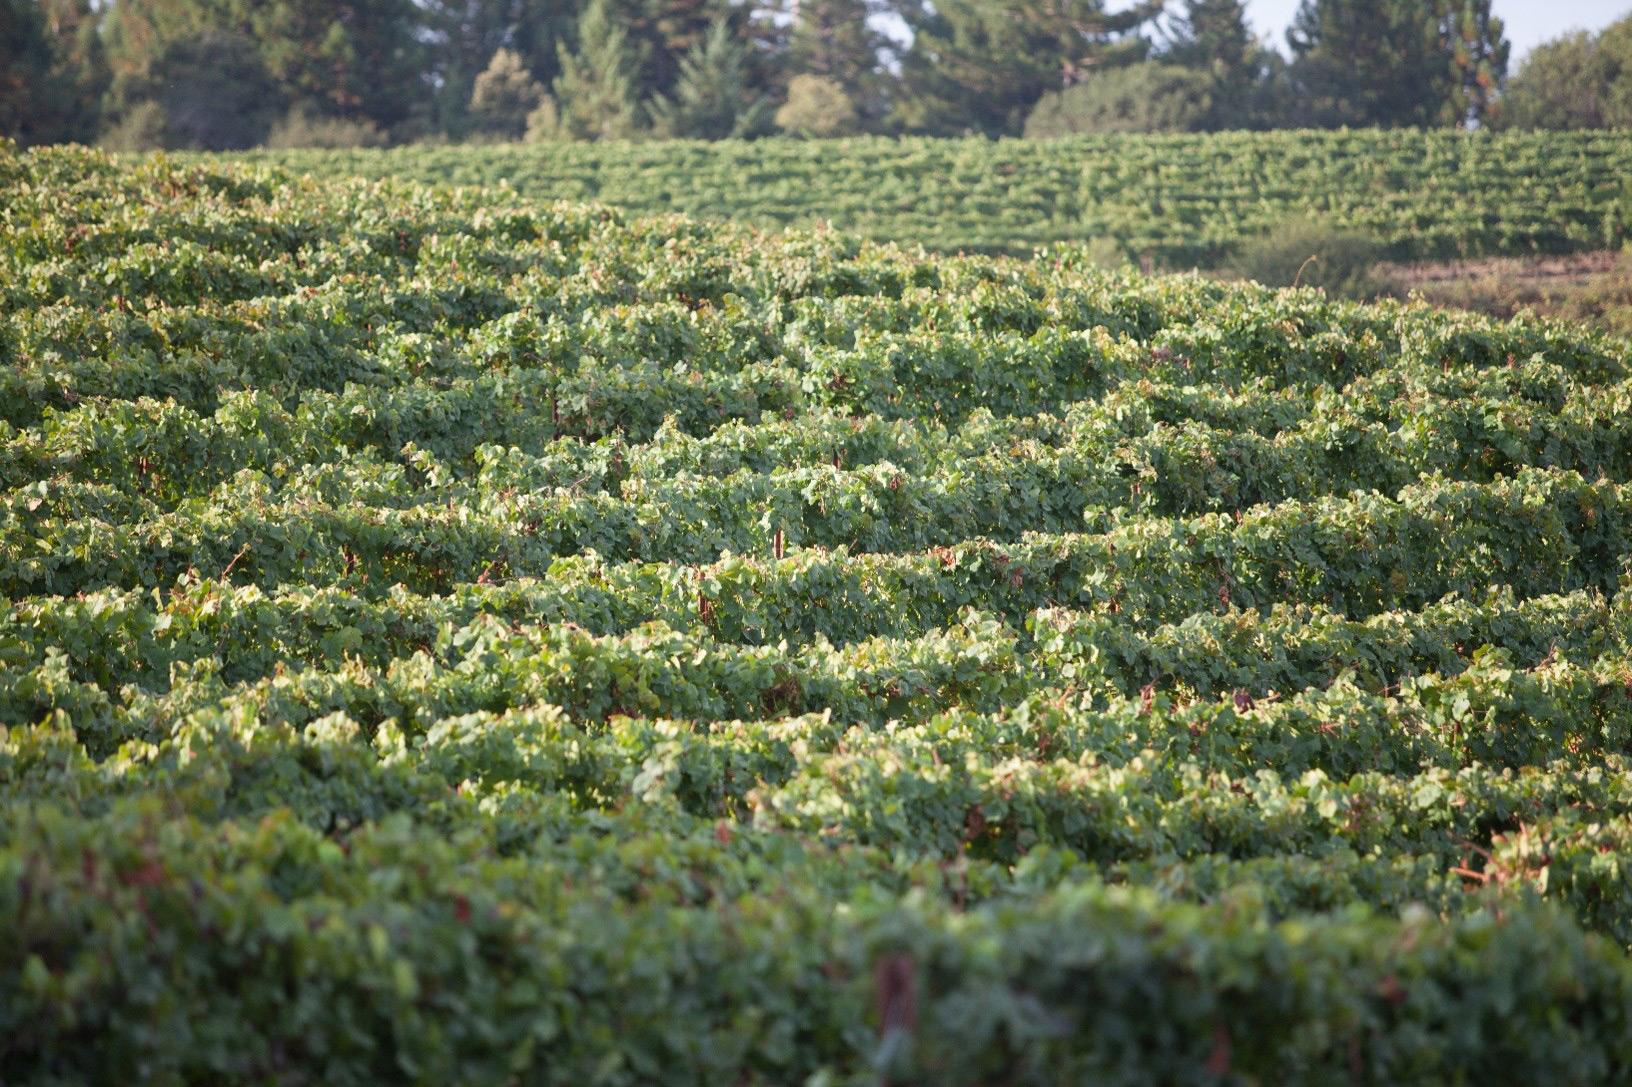 vineyard_web1.jpg